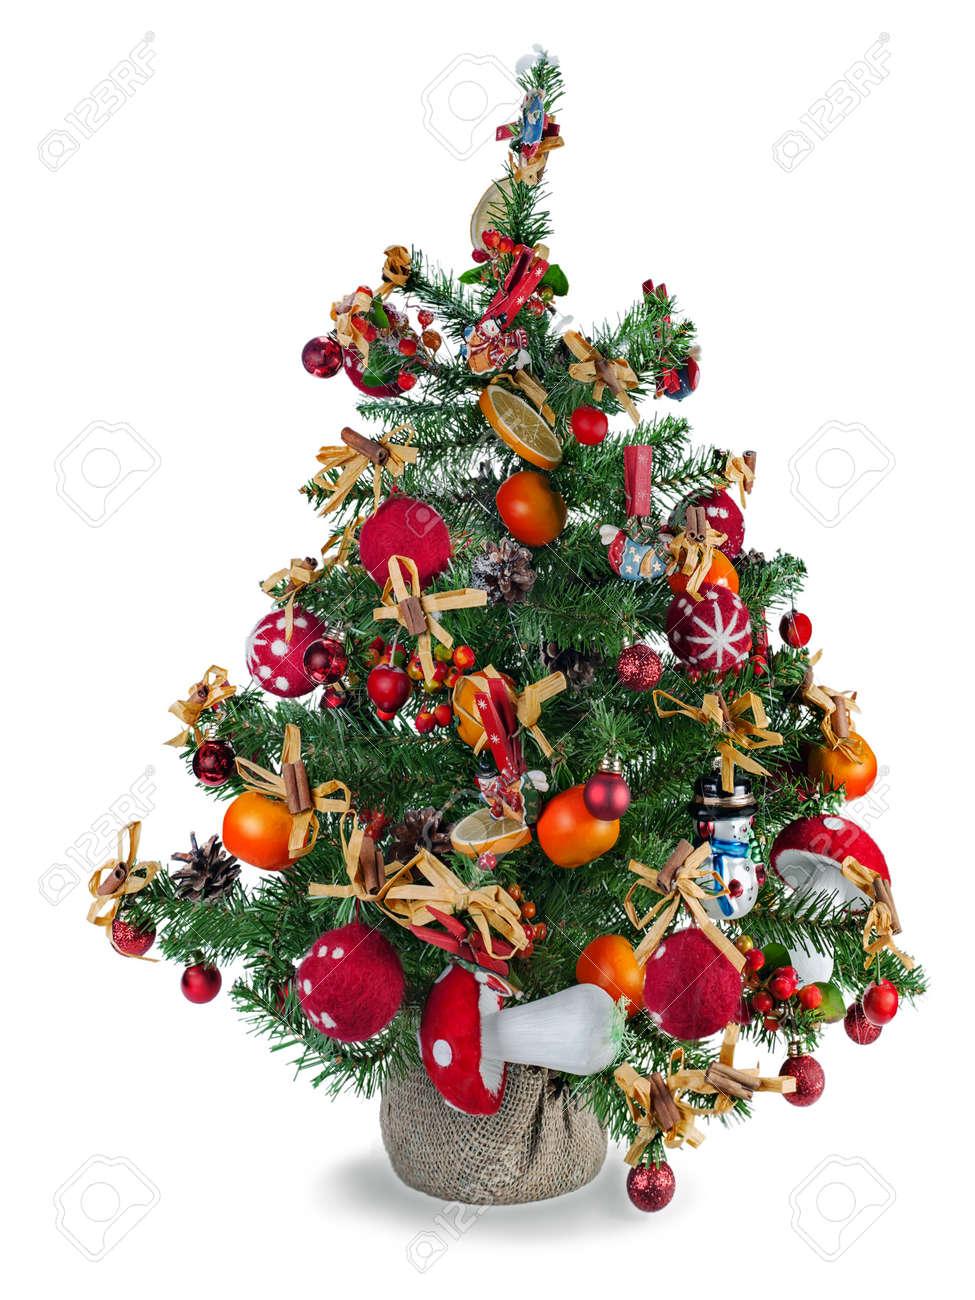 Le Sapin De Noël Sapin Décoré Avec Des Jouets Et Décorations De Noël Isolé Sur Fond Blanc